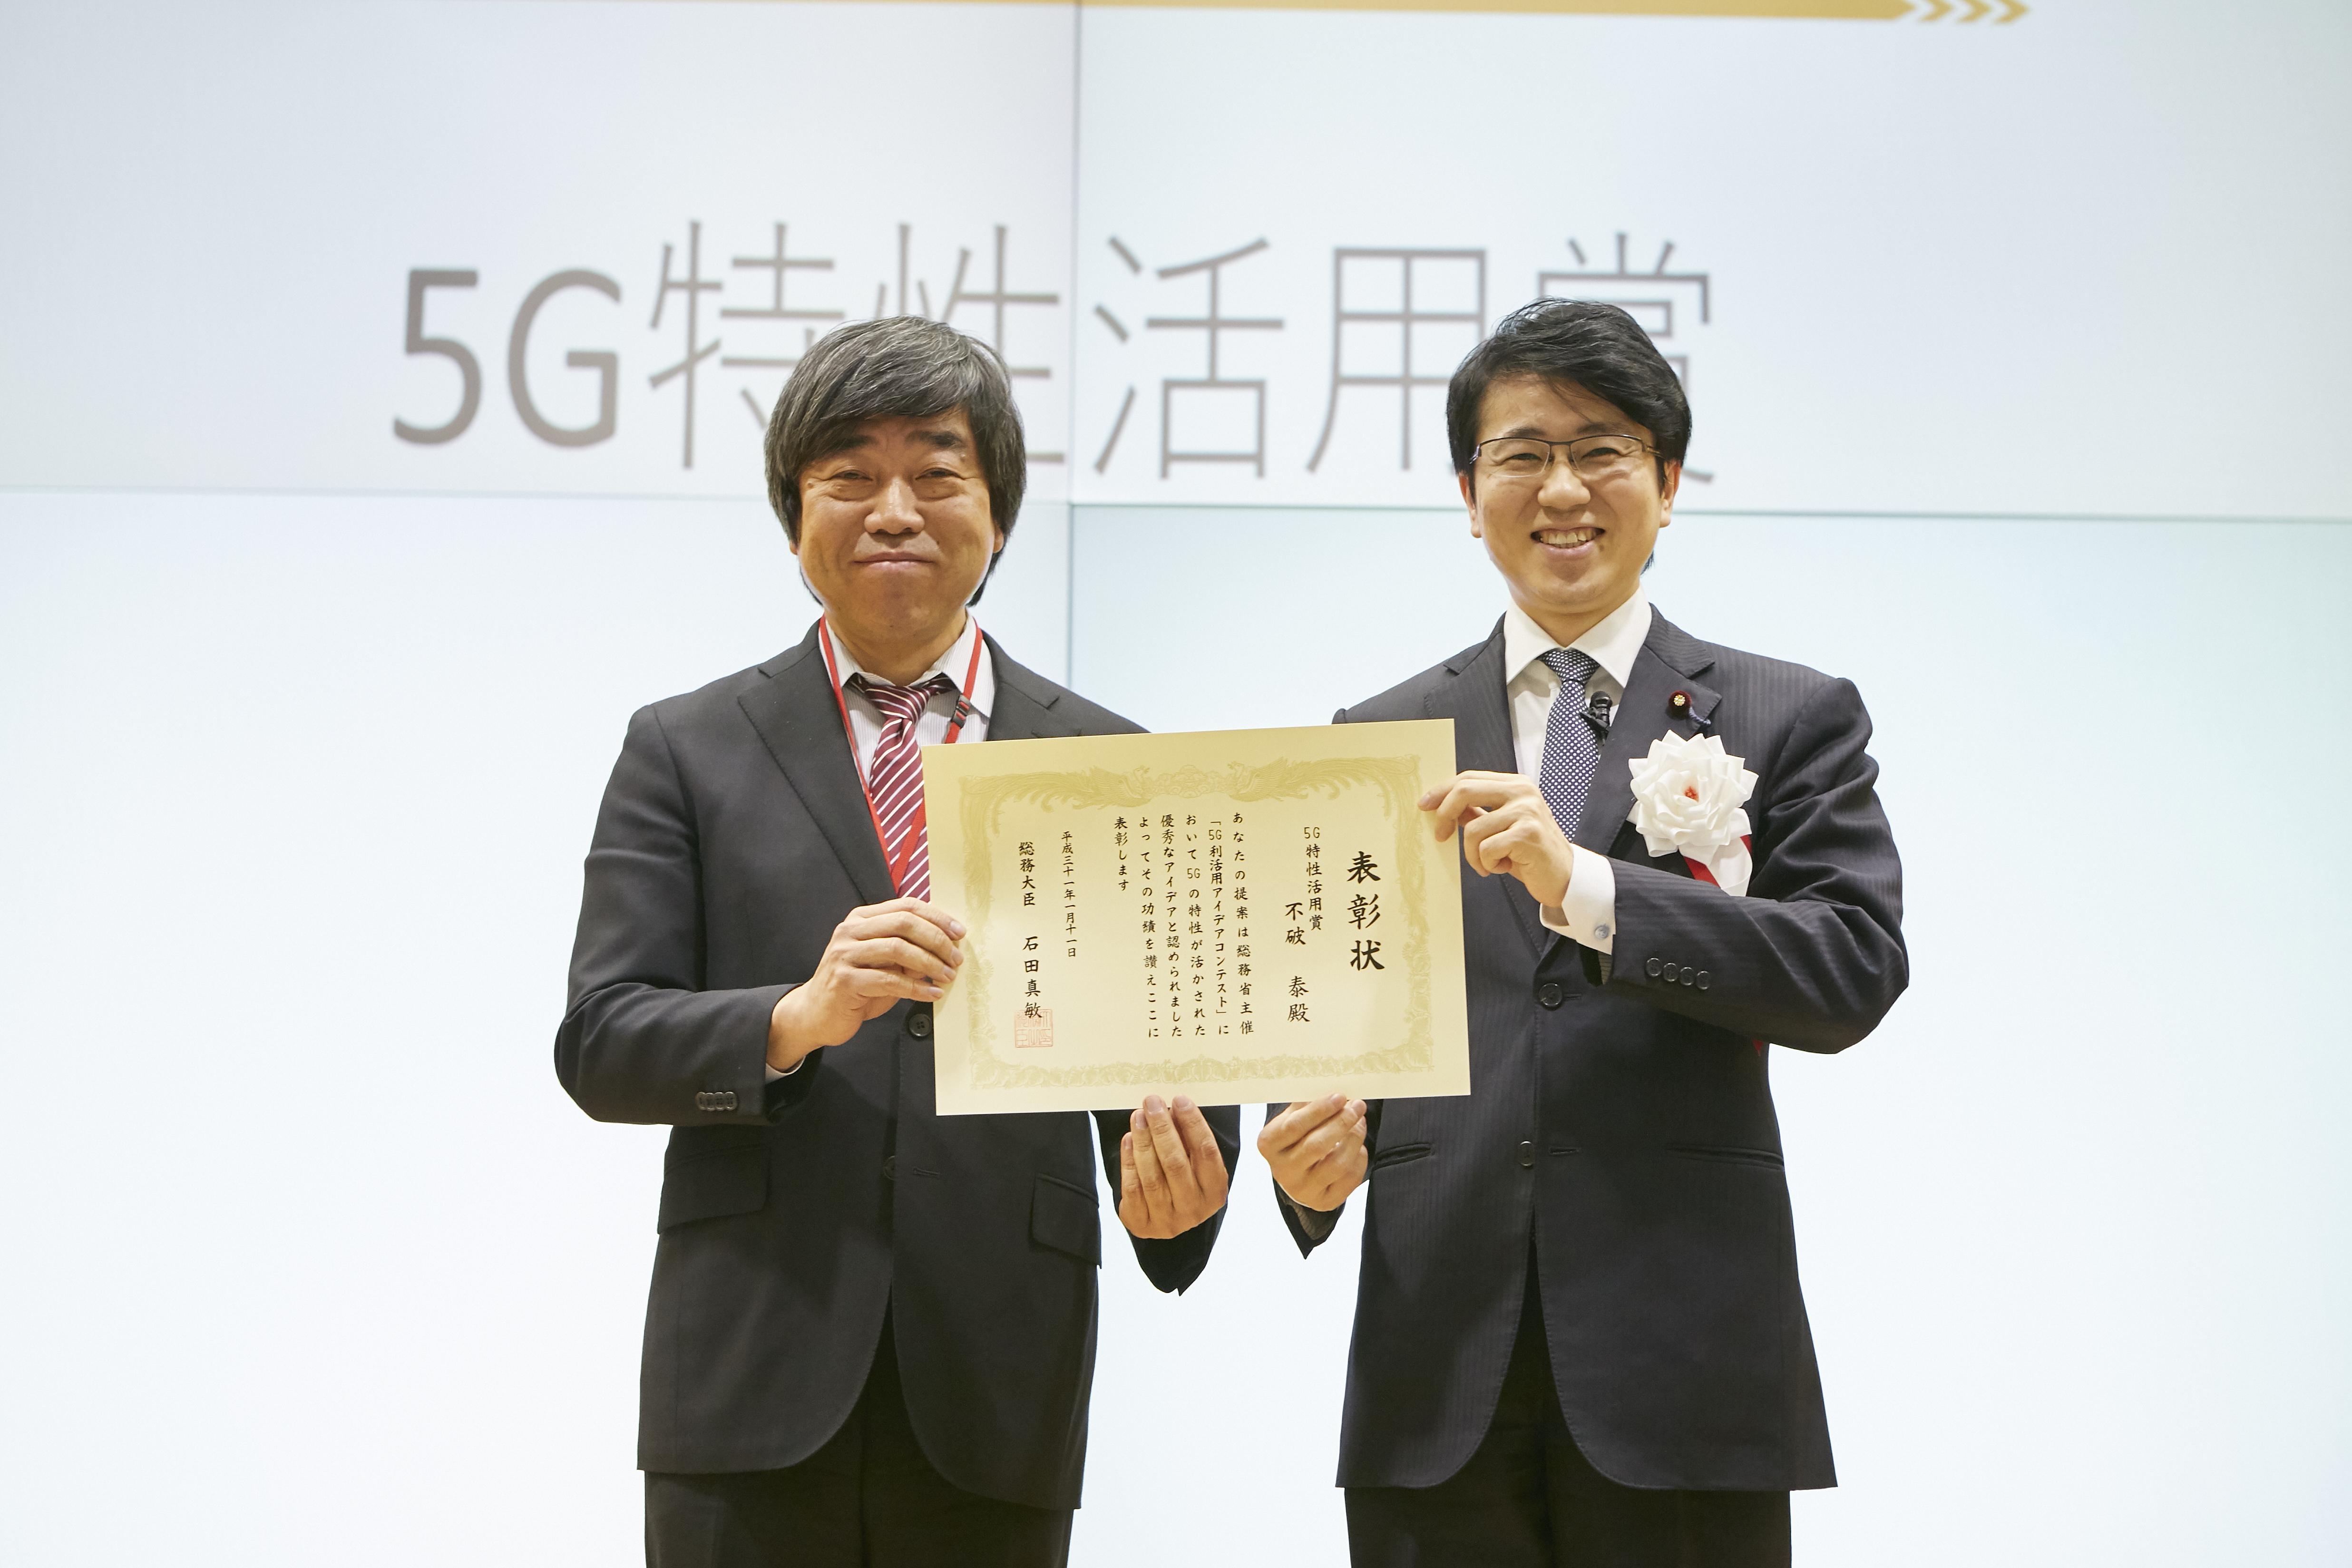 総務省主催「5G利活用アイデアコンテスト」において、不破副センター長が「5Gアイディアコンテスト特性活用賞」を受賞しました。